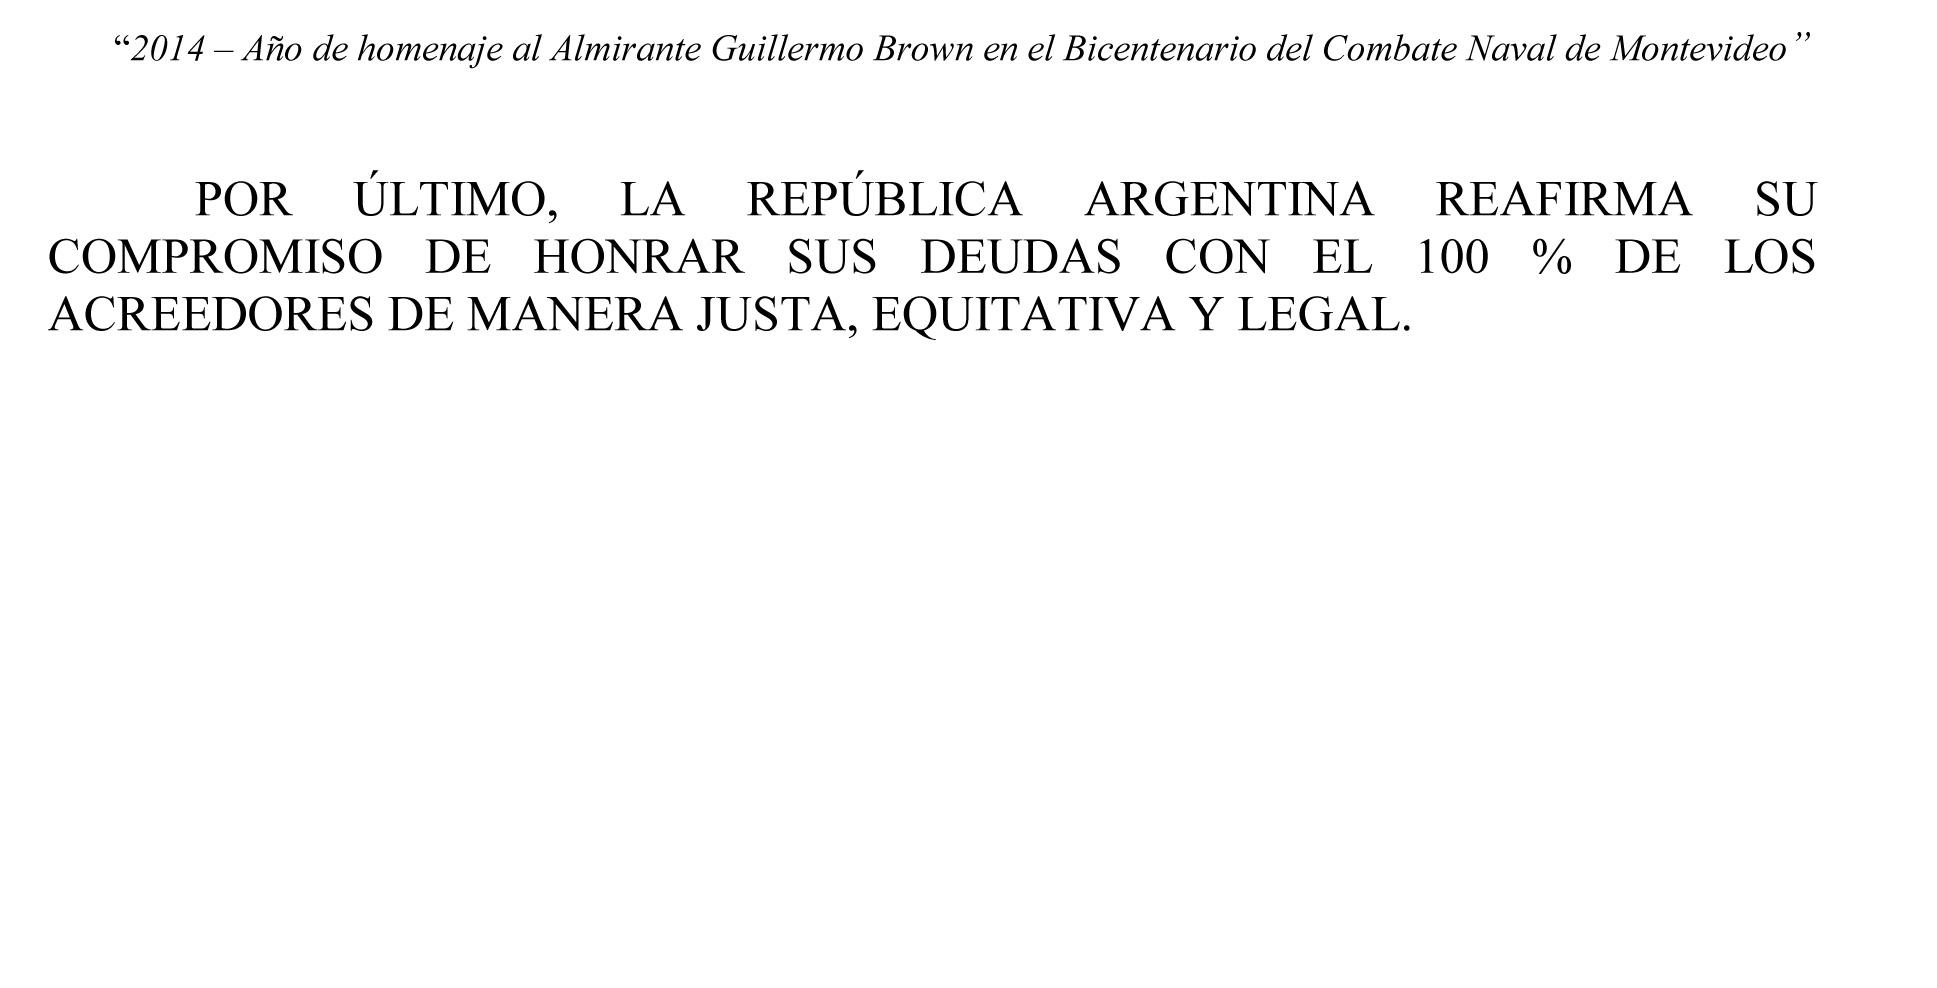 Nota_oficial_del_Gobierno_argentino-4